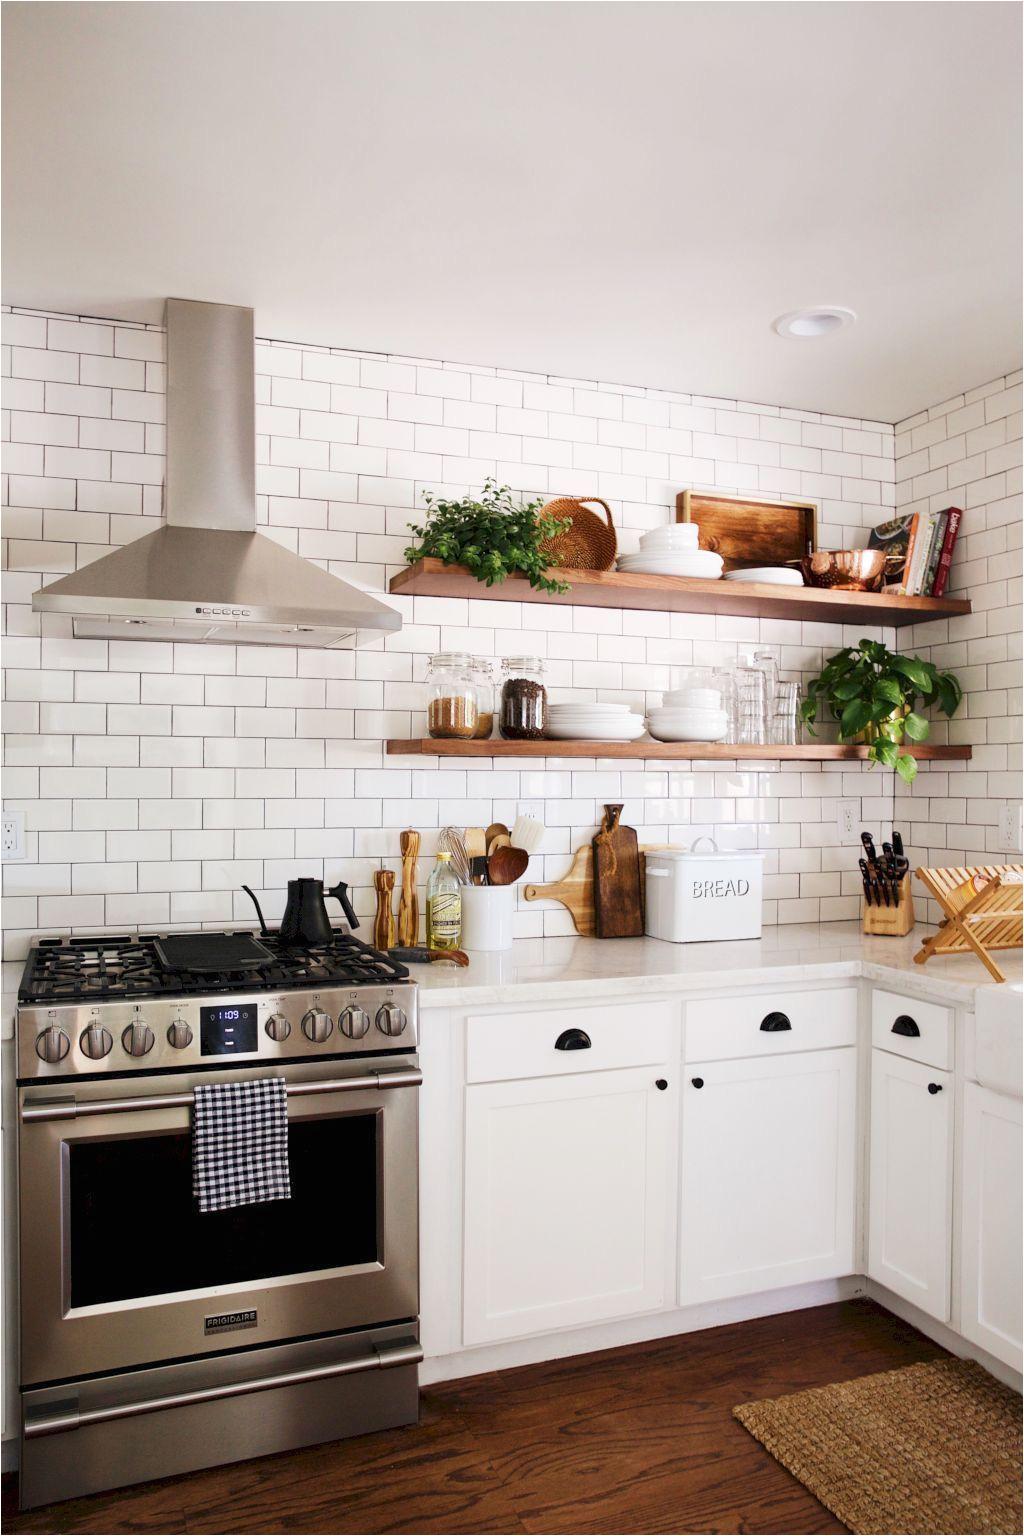 modern farmhouse kitchen decor ideas 32 kitchen with floating shelves small kitchen tiles